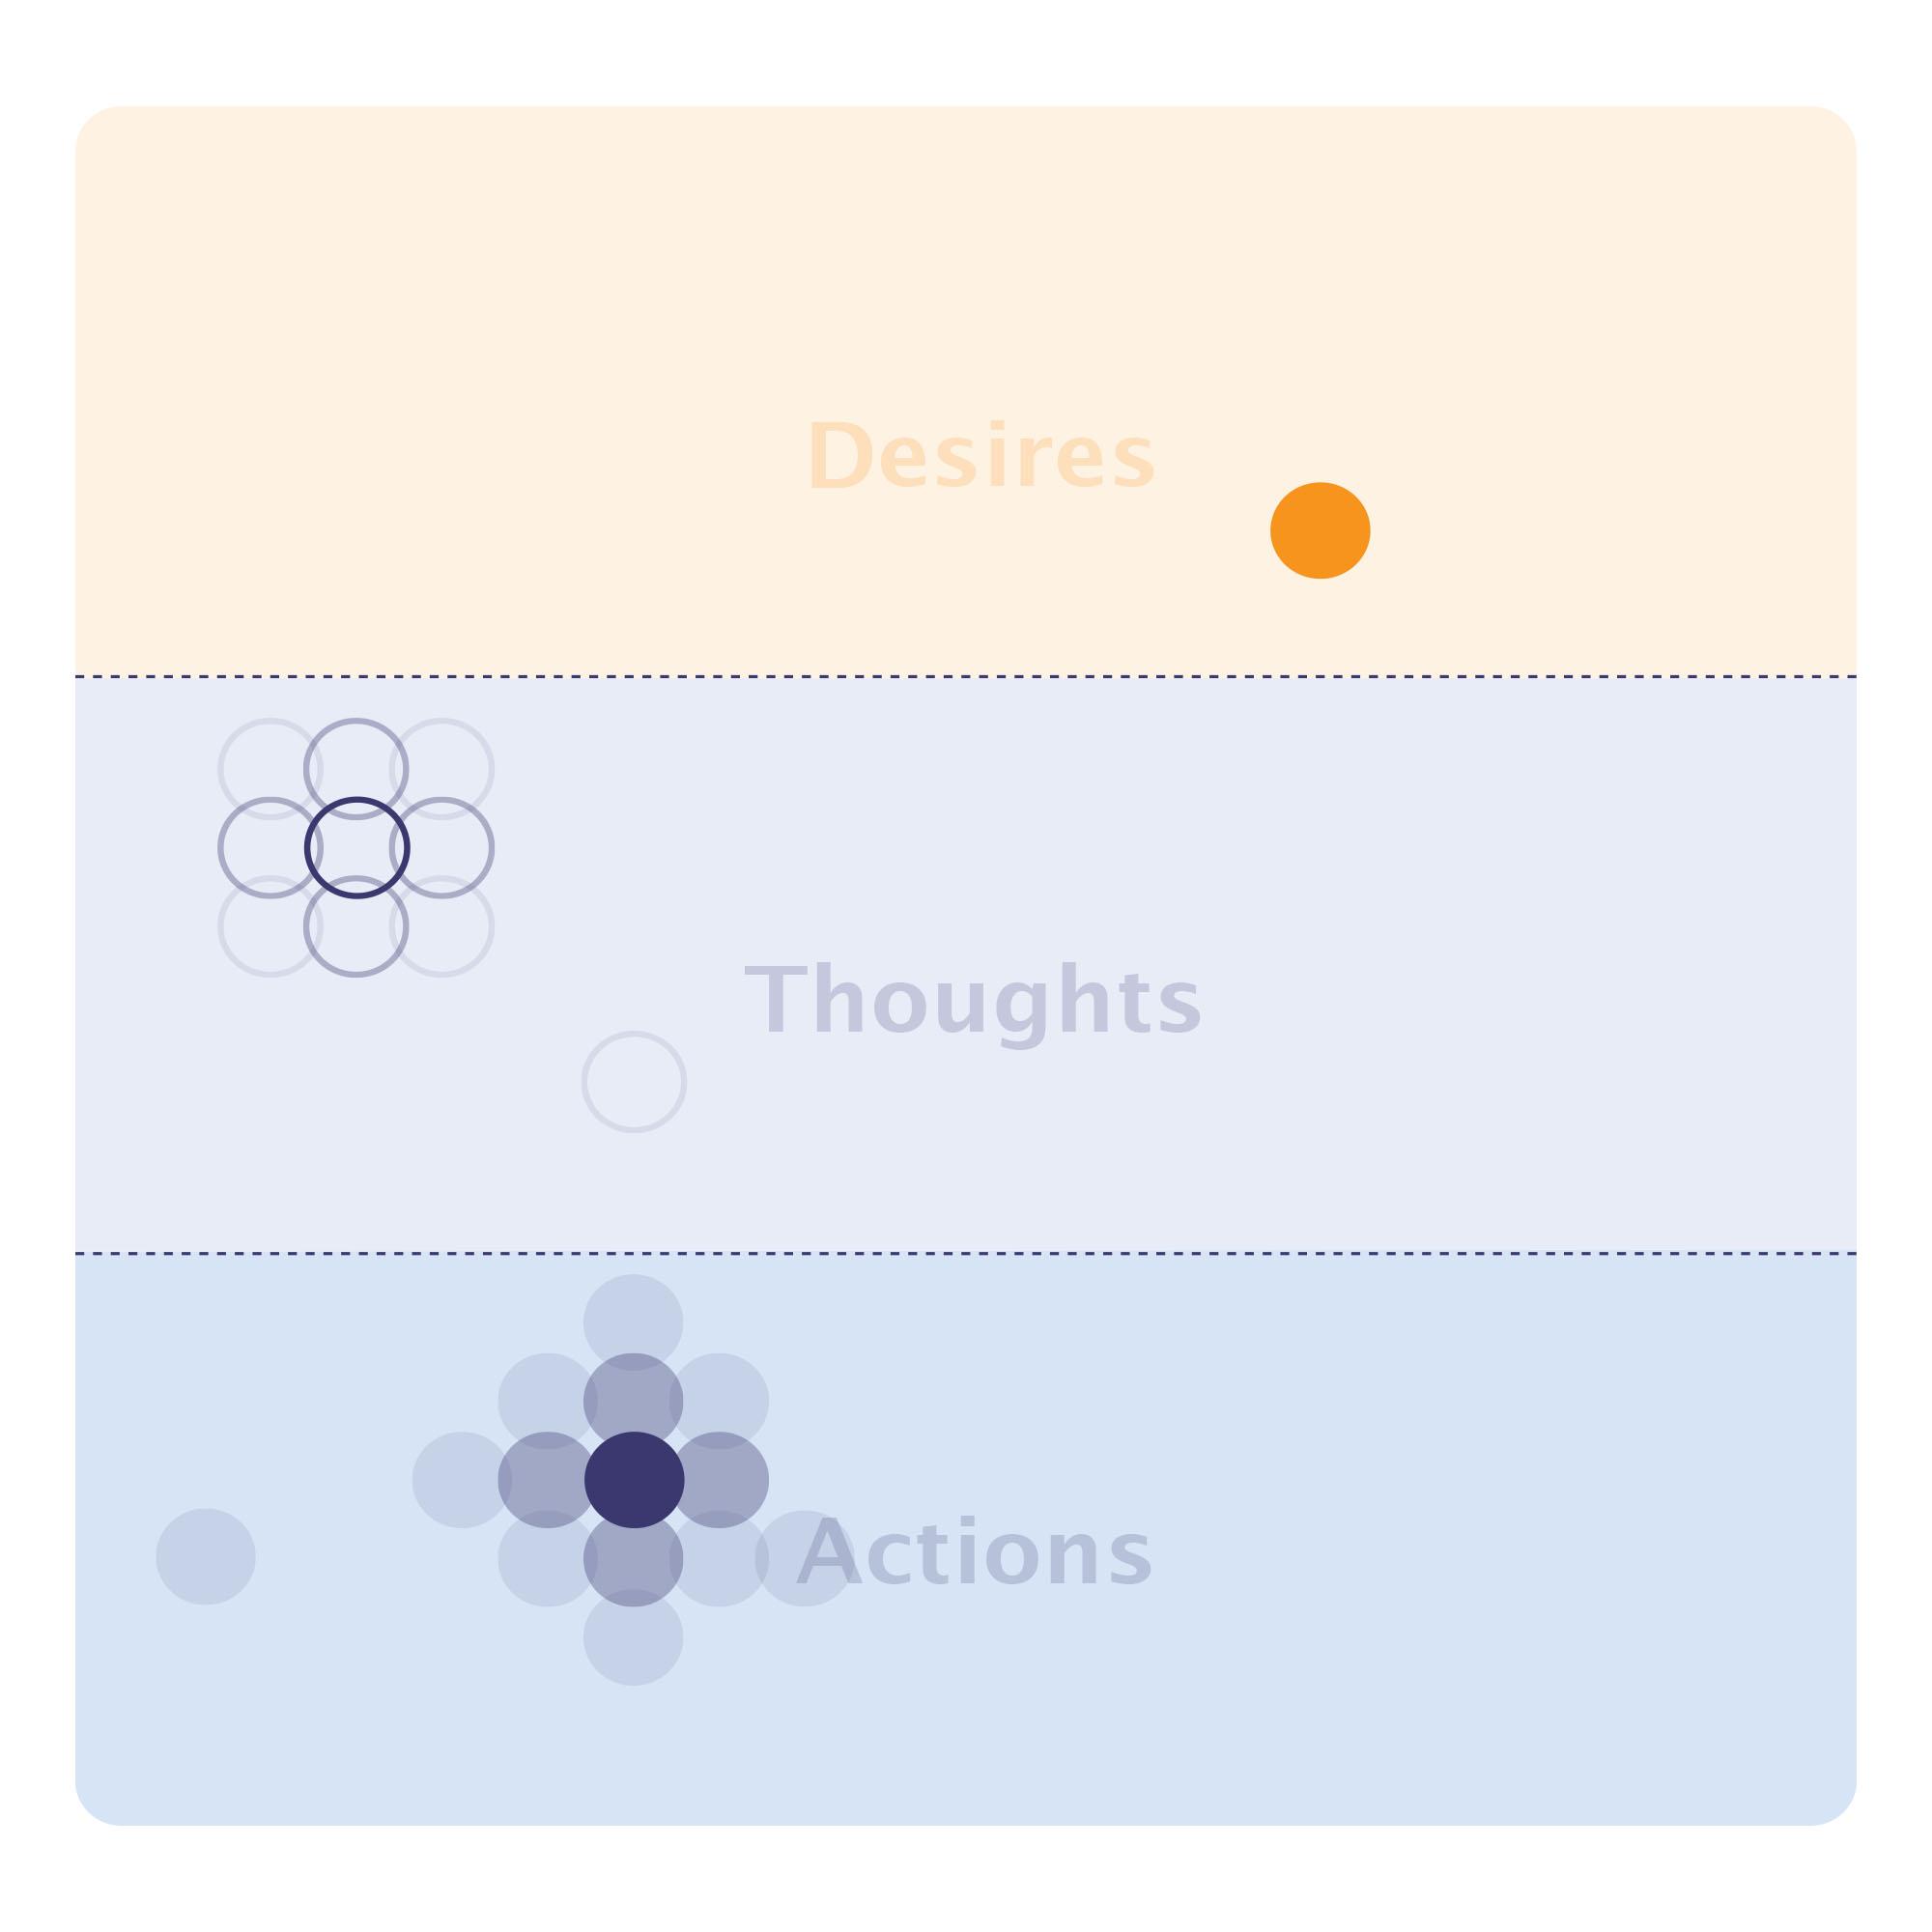 R15-Not-aligned-focus